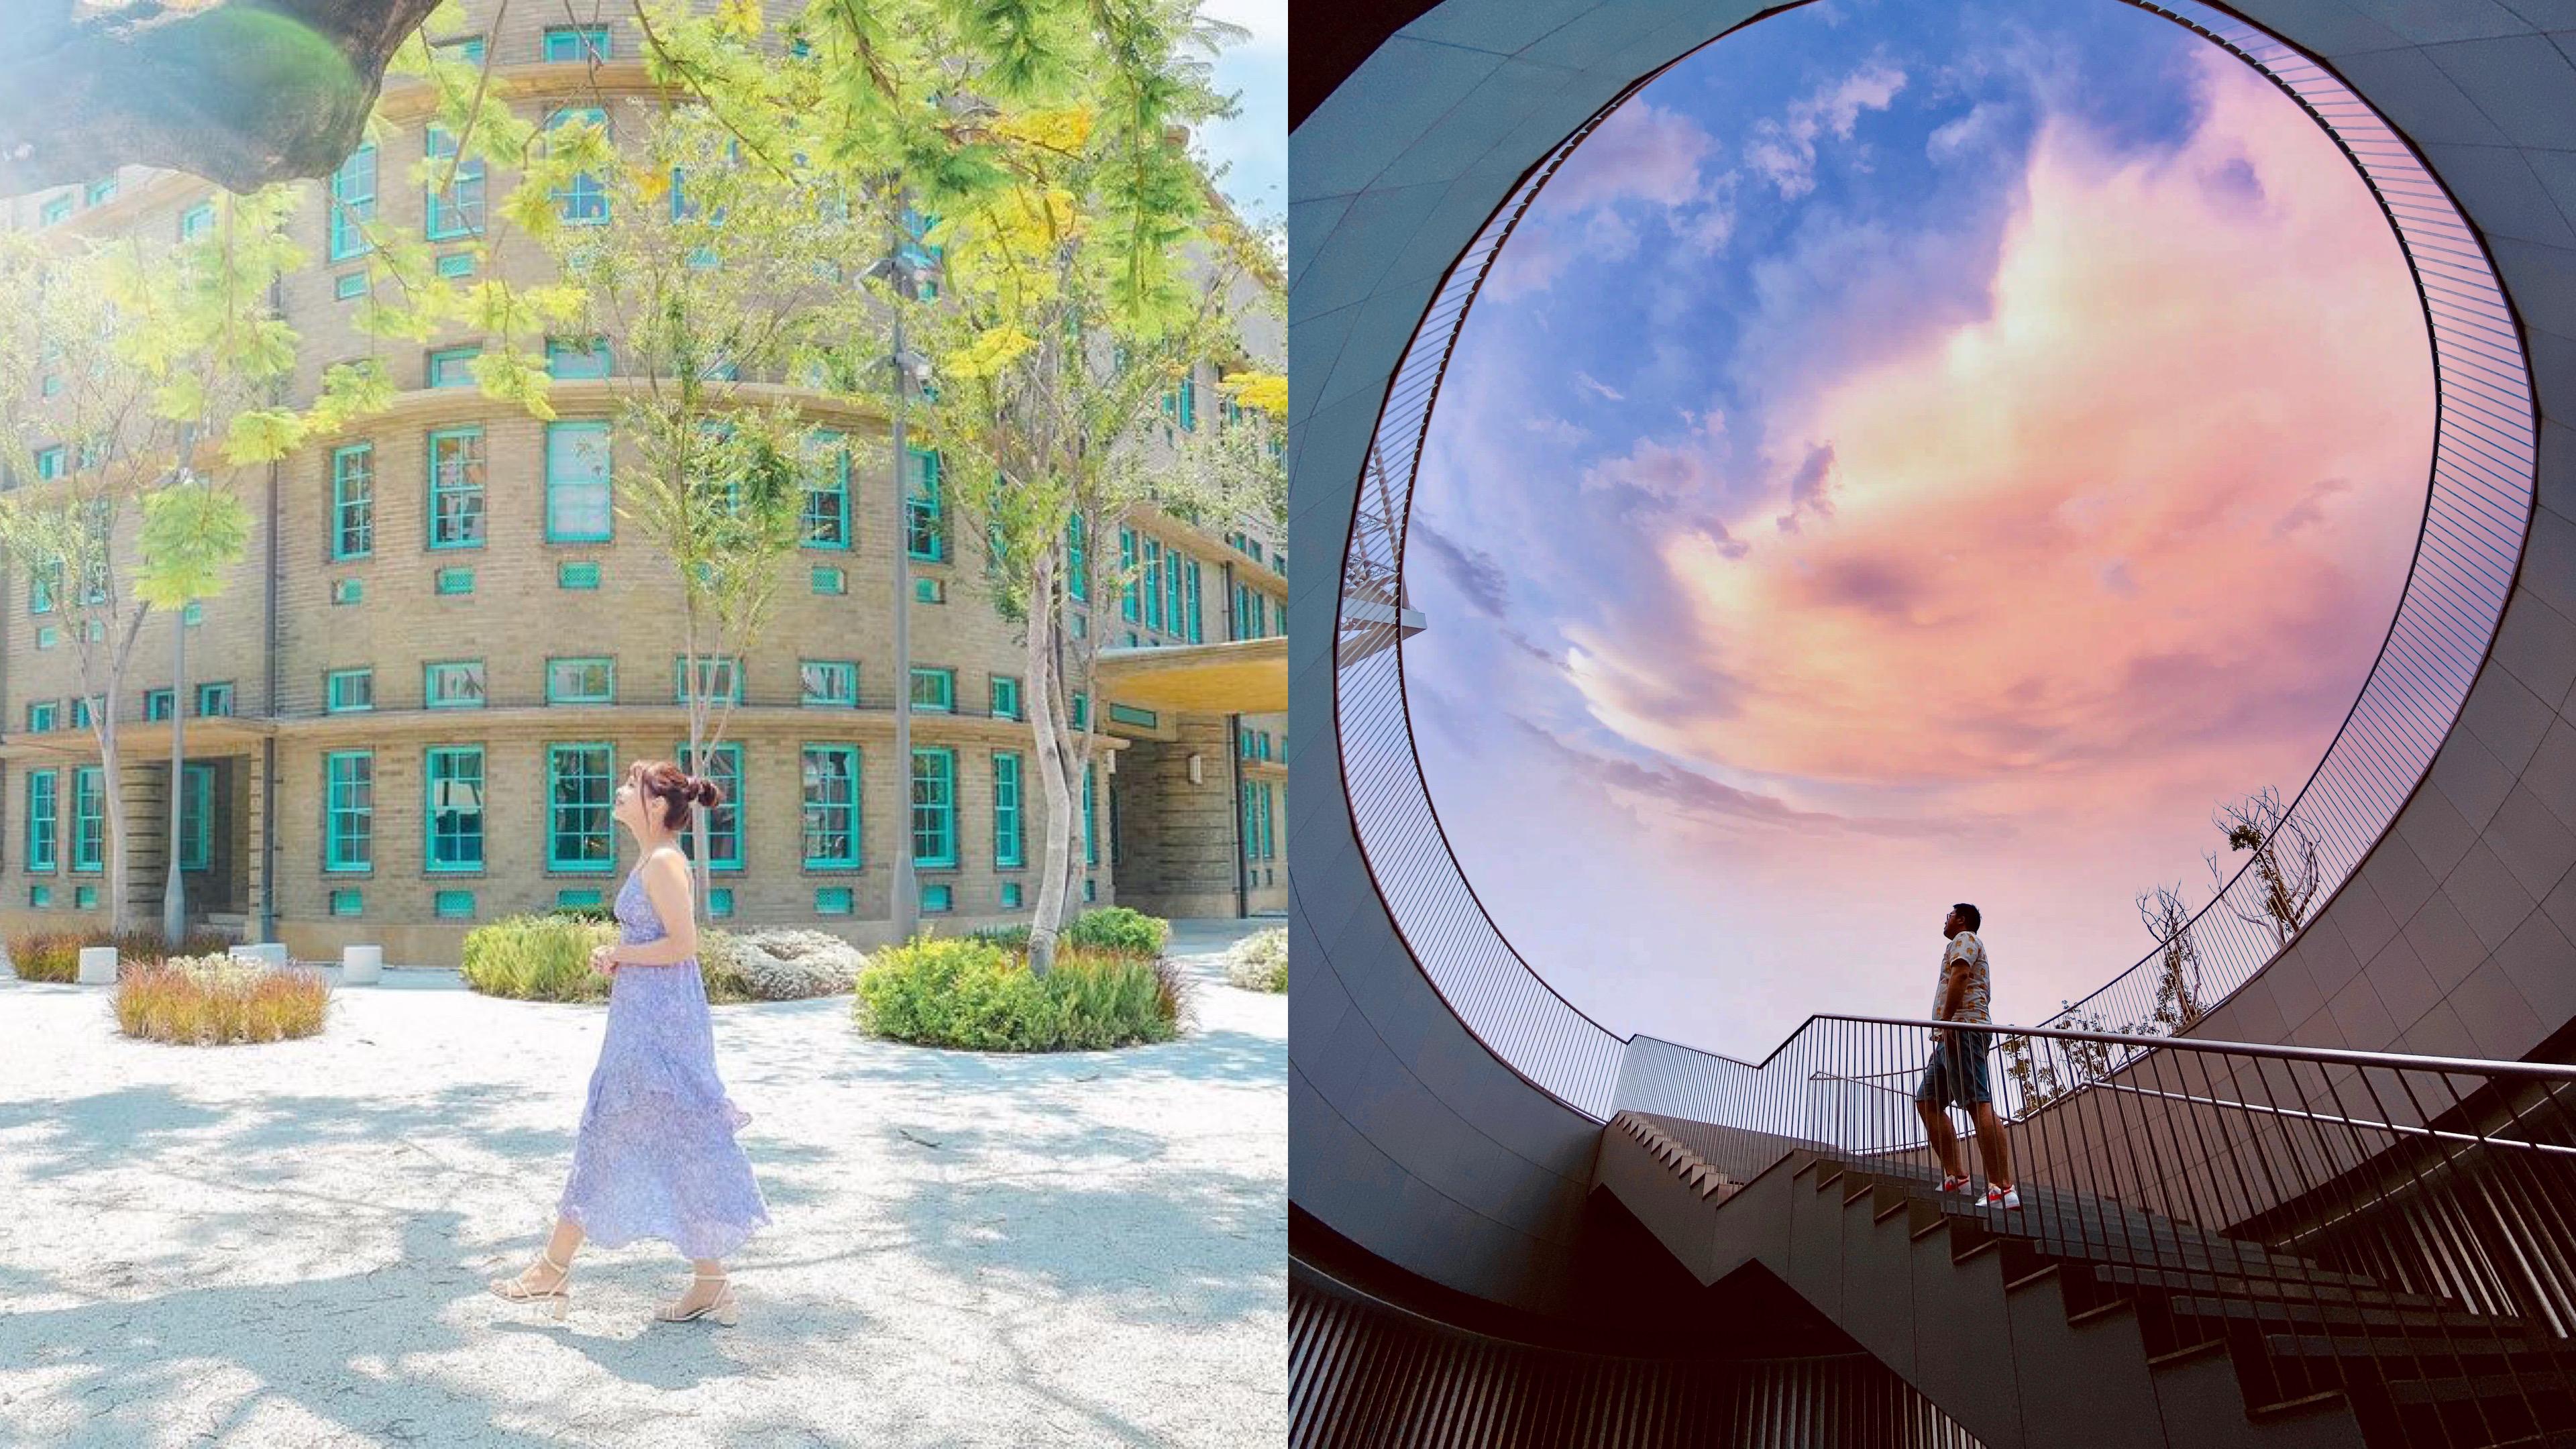 隱藏版美拍聖地in美術館 6處撩動美麗心情的美術館這樣拍最美